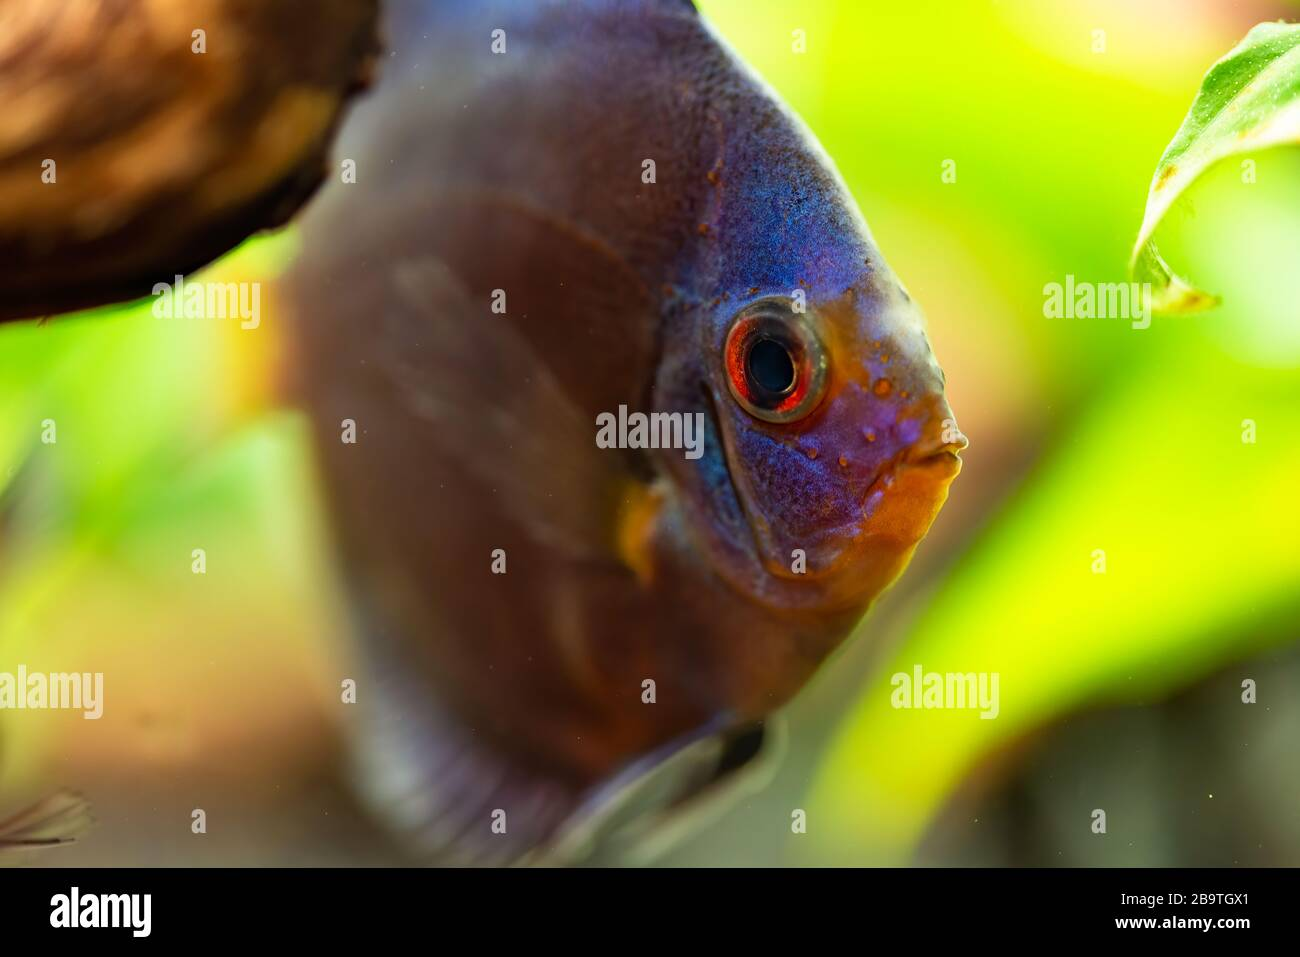 Portrait d'un bleu tropical Symphysodon discus poisson dans un réservoir de poisson. Banque D'Images